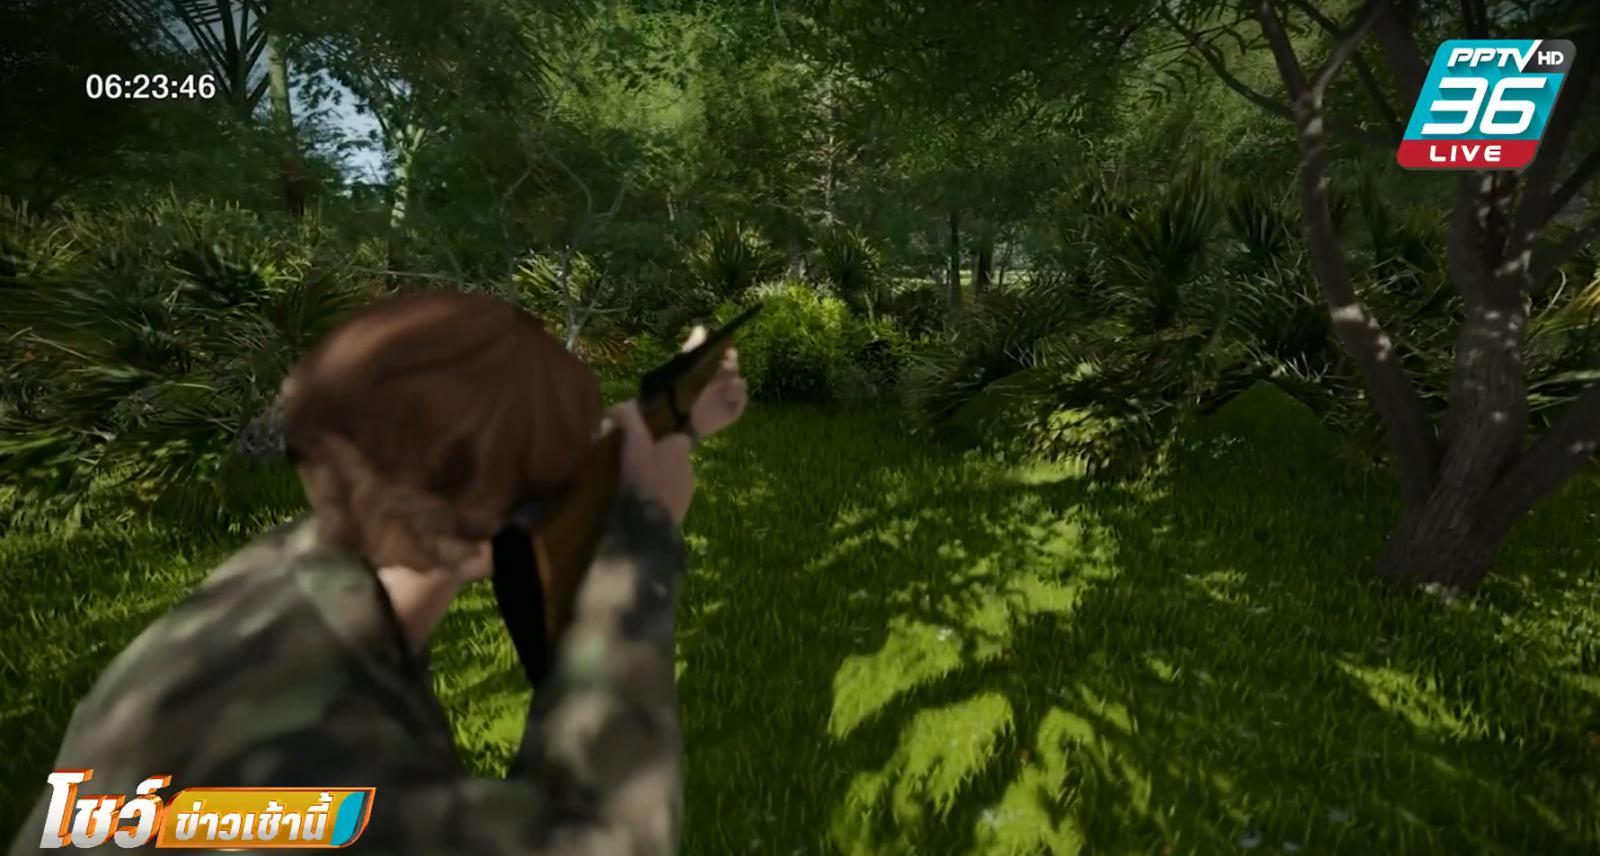 พ่อคว้าปืนยิงหมูป่าพลาดโดนลูกเสียชีวิต